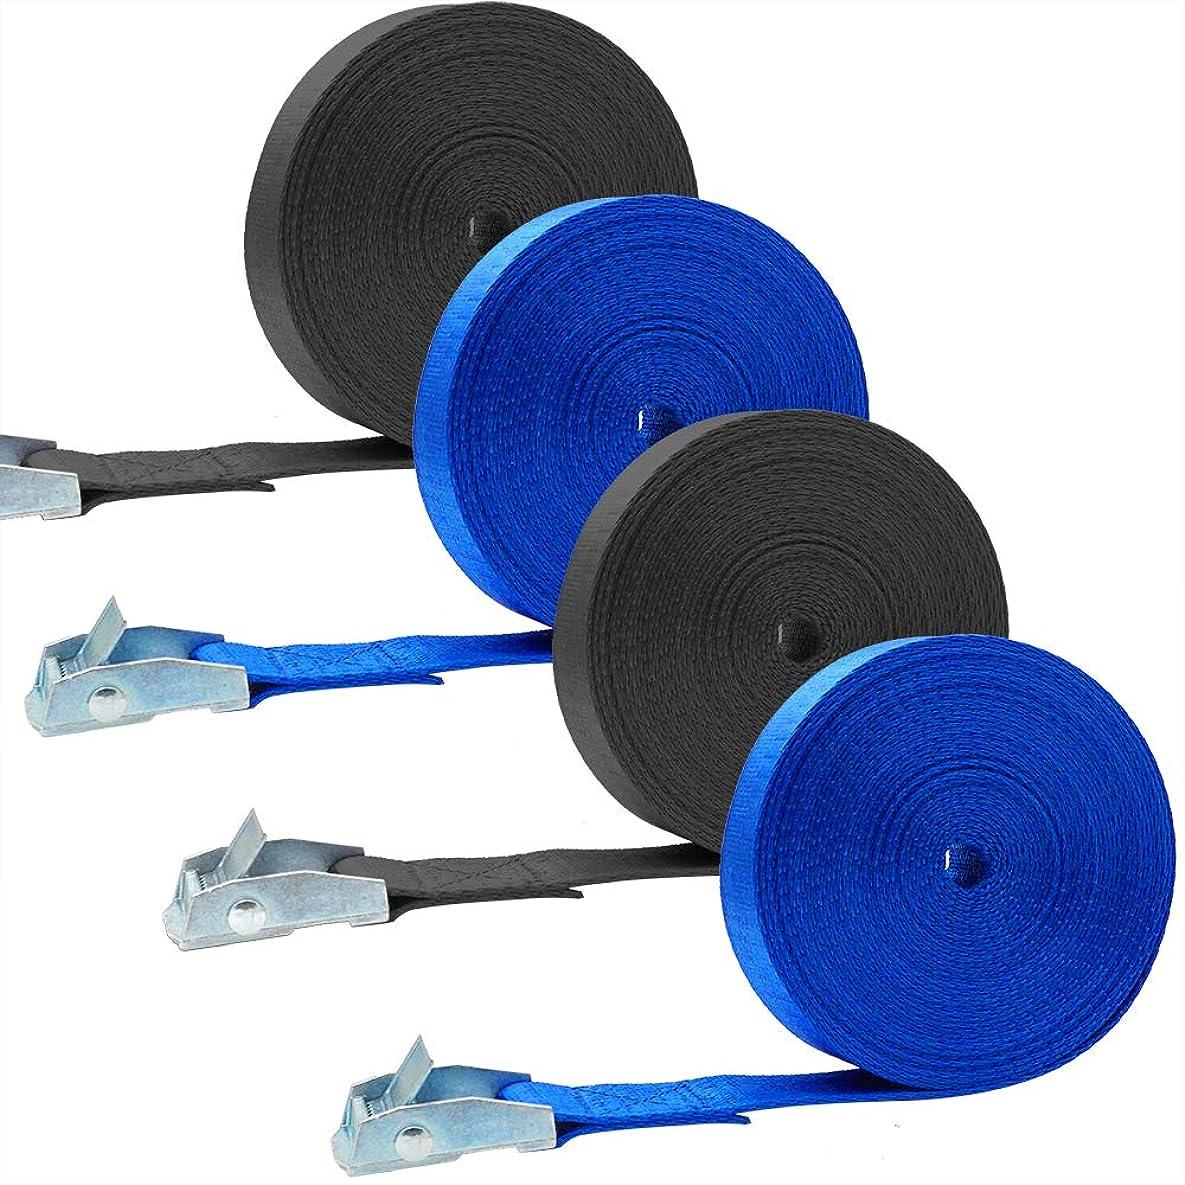 シーサイド精神的にチャームAkuoly 荷締めベルト 5M×4巻セット 荷締機 地震対策グッズ 荷締めバンド 締付固定 多用途 幅25mm 固定バンド ブル—と黒